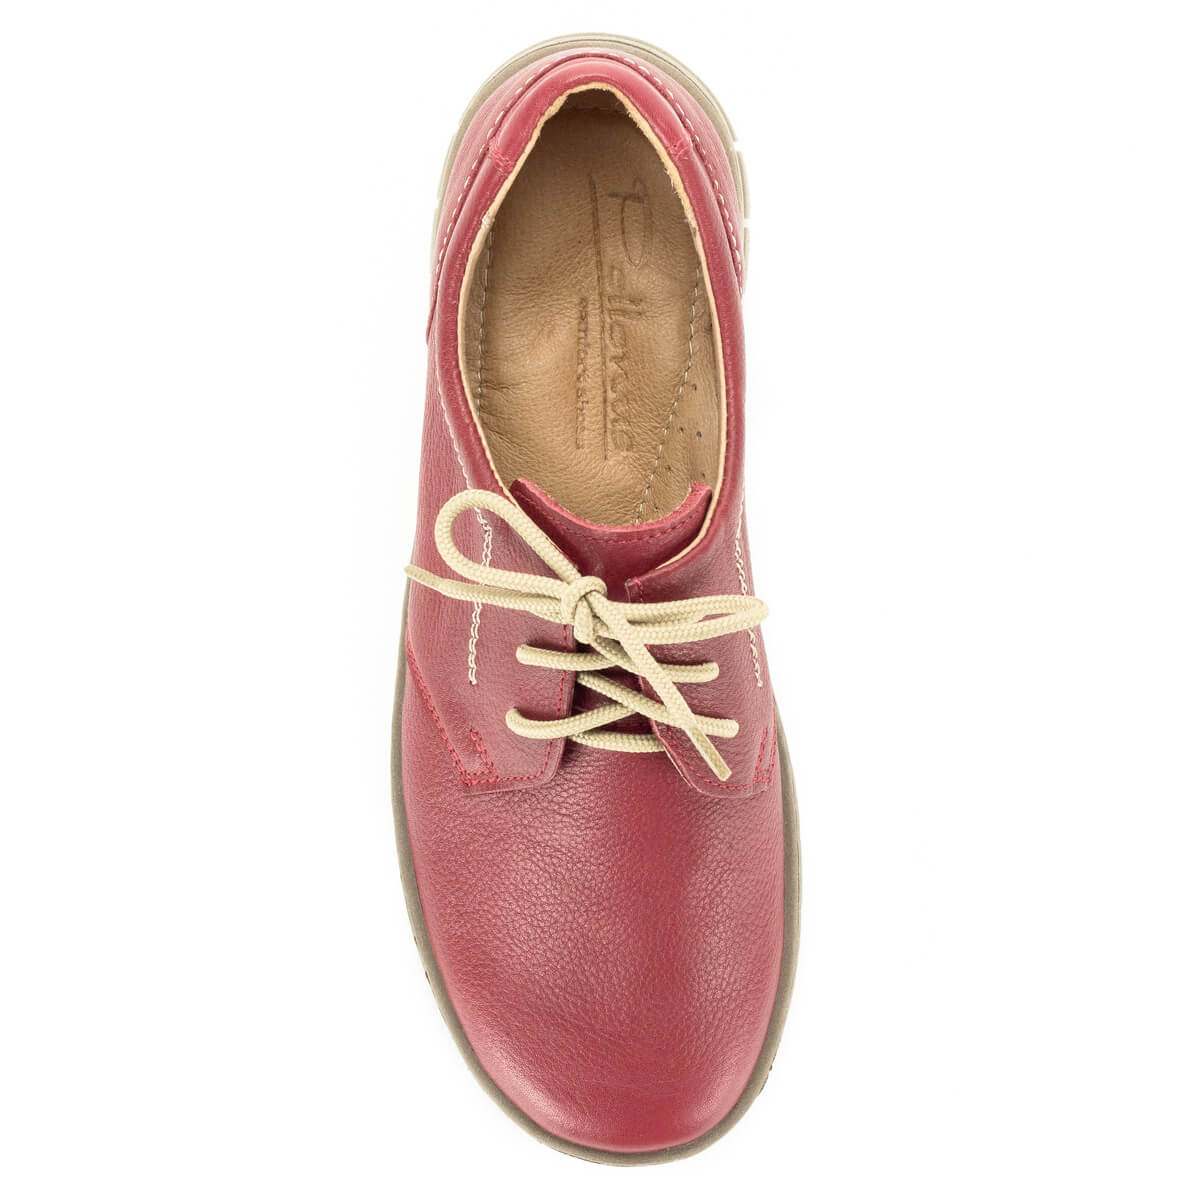 b24f867a50 ... Pollonus fűzős komfort cipő puha talpbéléssel. Felsőrésze és bélése  egyaránt bőrből készült, talpa hajlékony ...